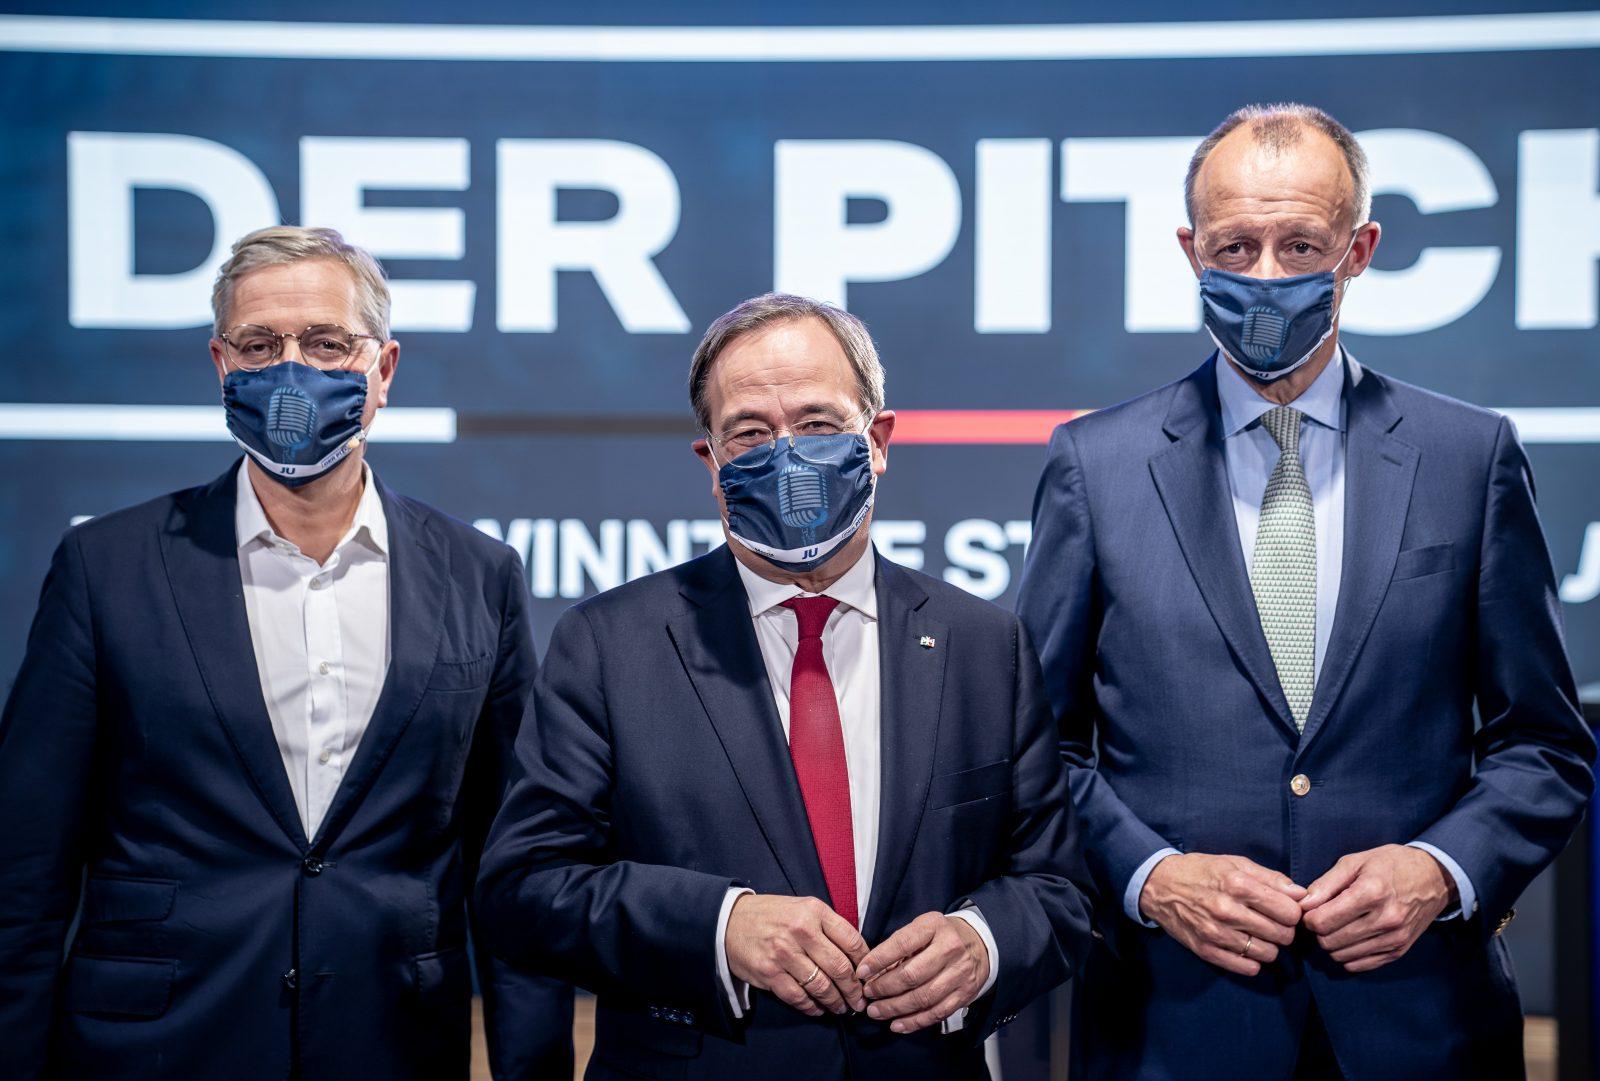 Die drei Kandidaten auf den CDU-Vorsitz Armin Laschet (m.), Friedrich Merz (r.) und Norbert Röttgen (l.)